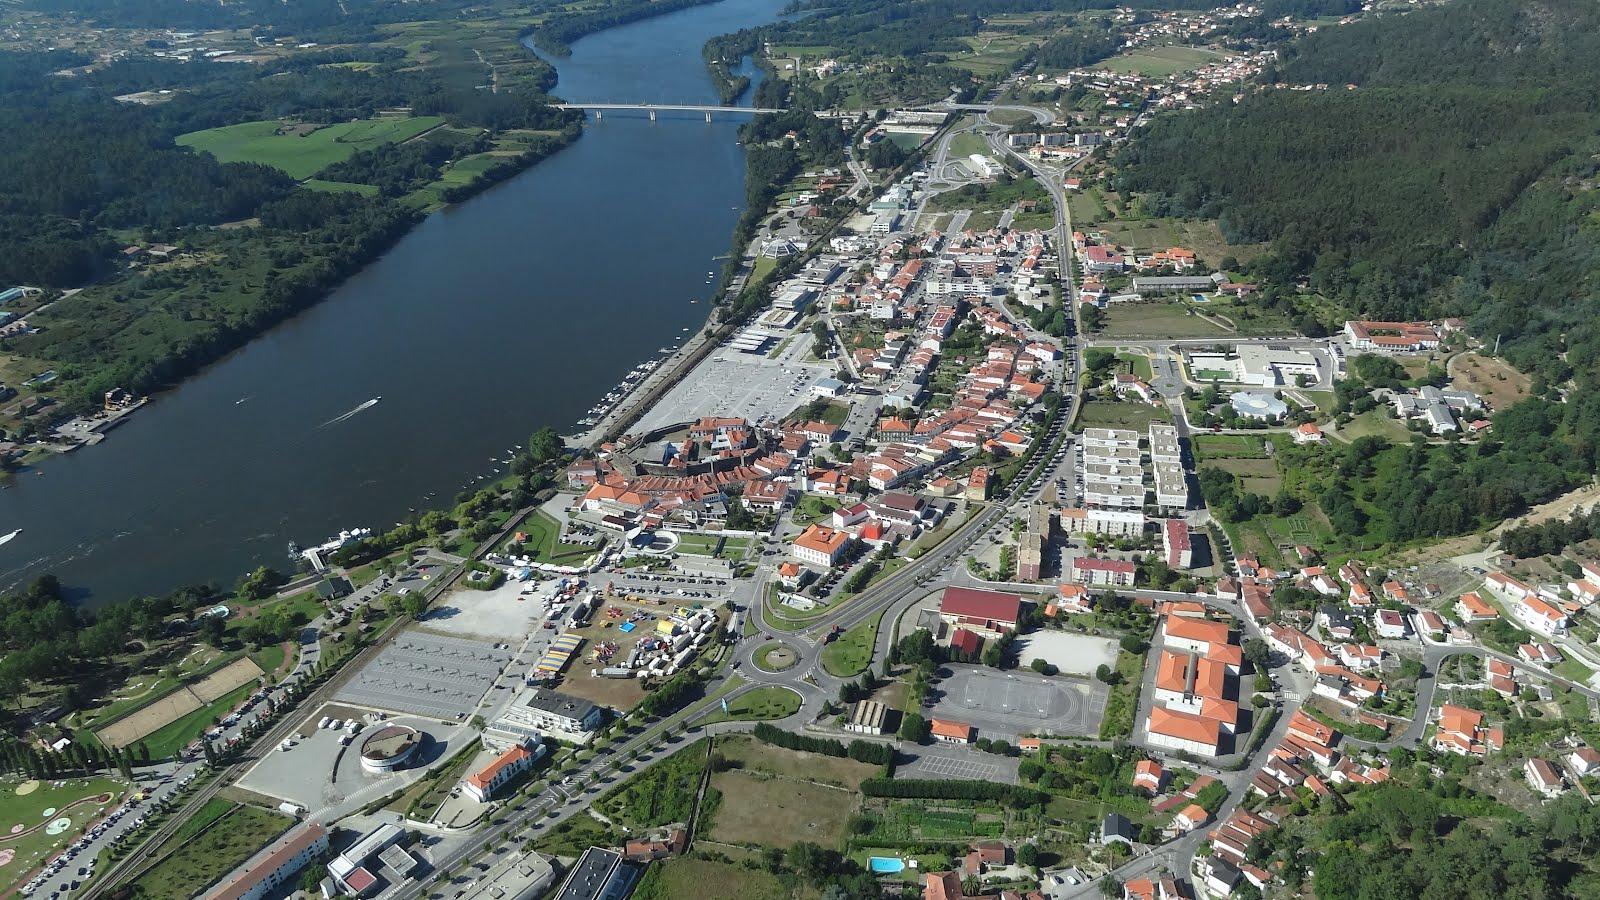 A terceira dimens o fotografia a rea vila nova de cerveira - Vilanova de cerveira ...